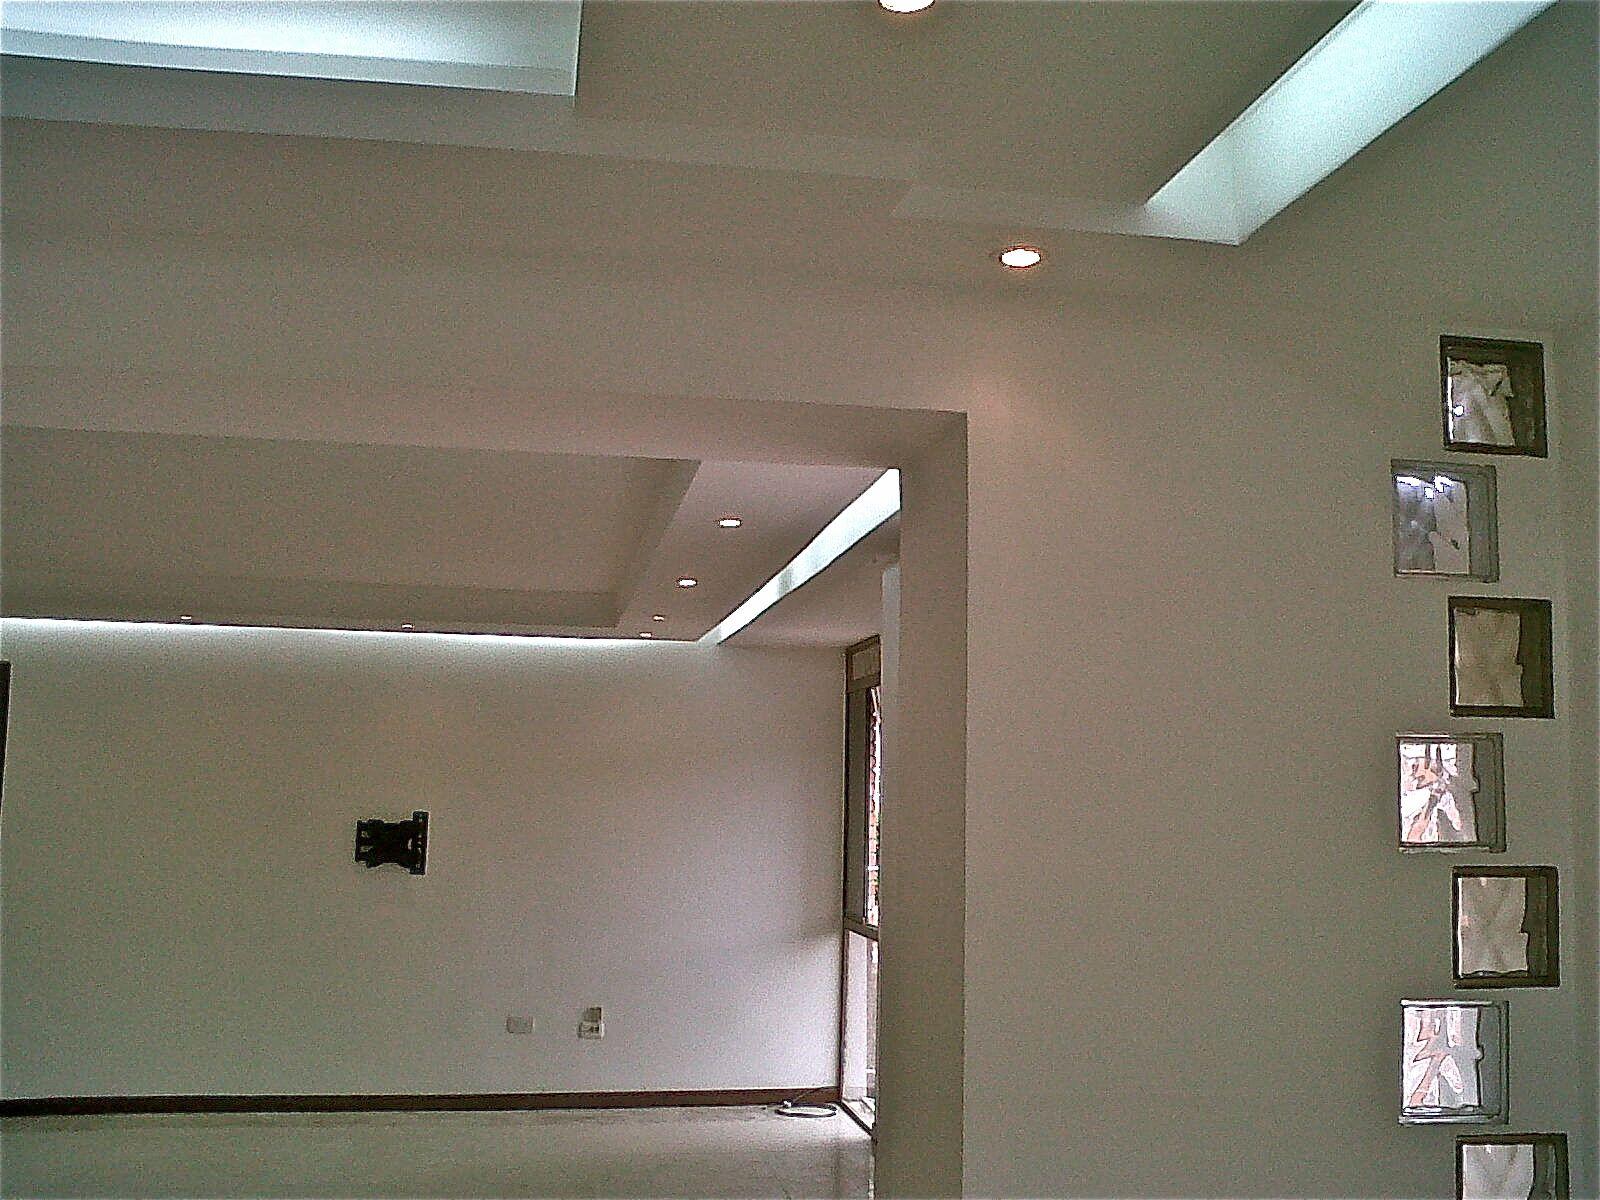 Renovando tu apartamento con el dise o de techos e for Disenos de techos en yeso